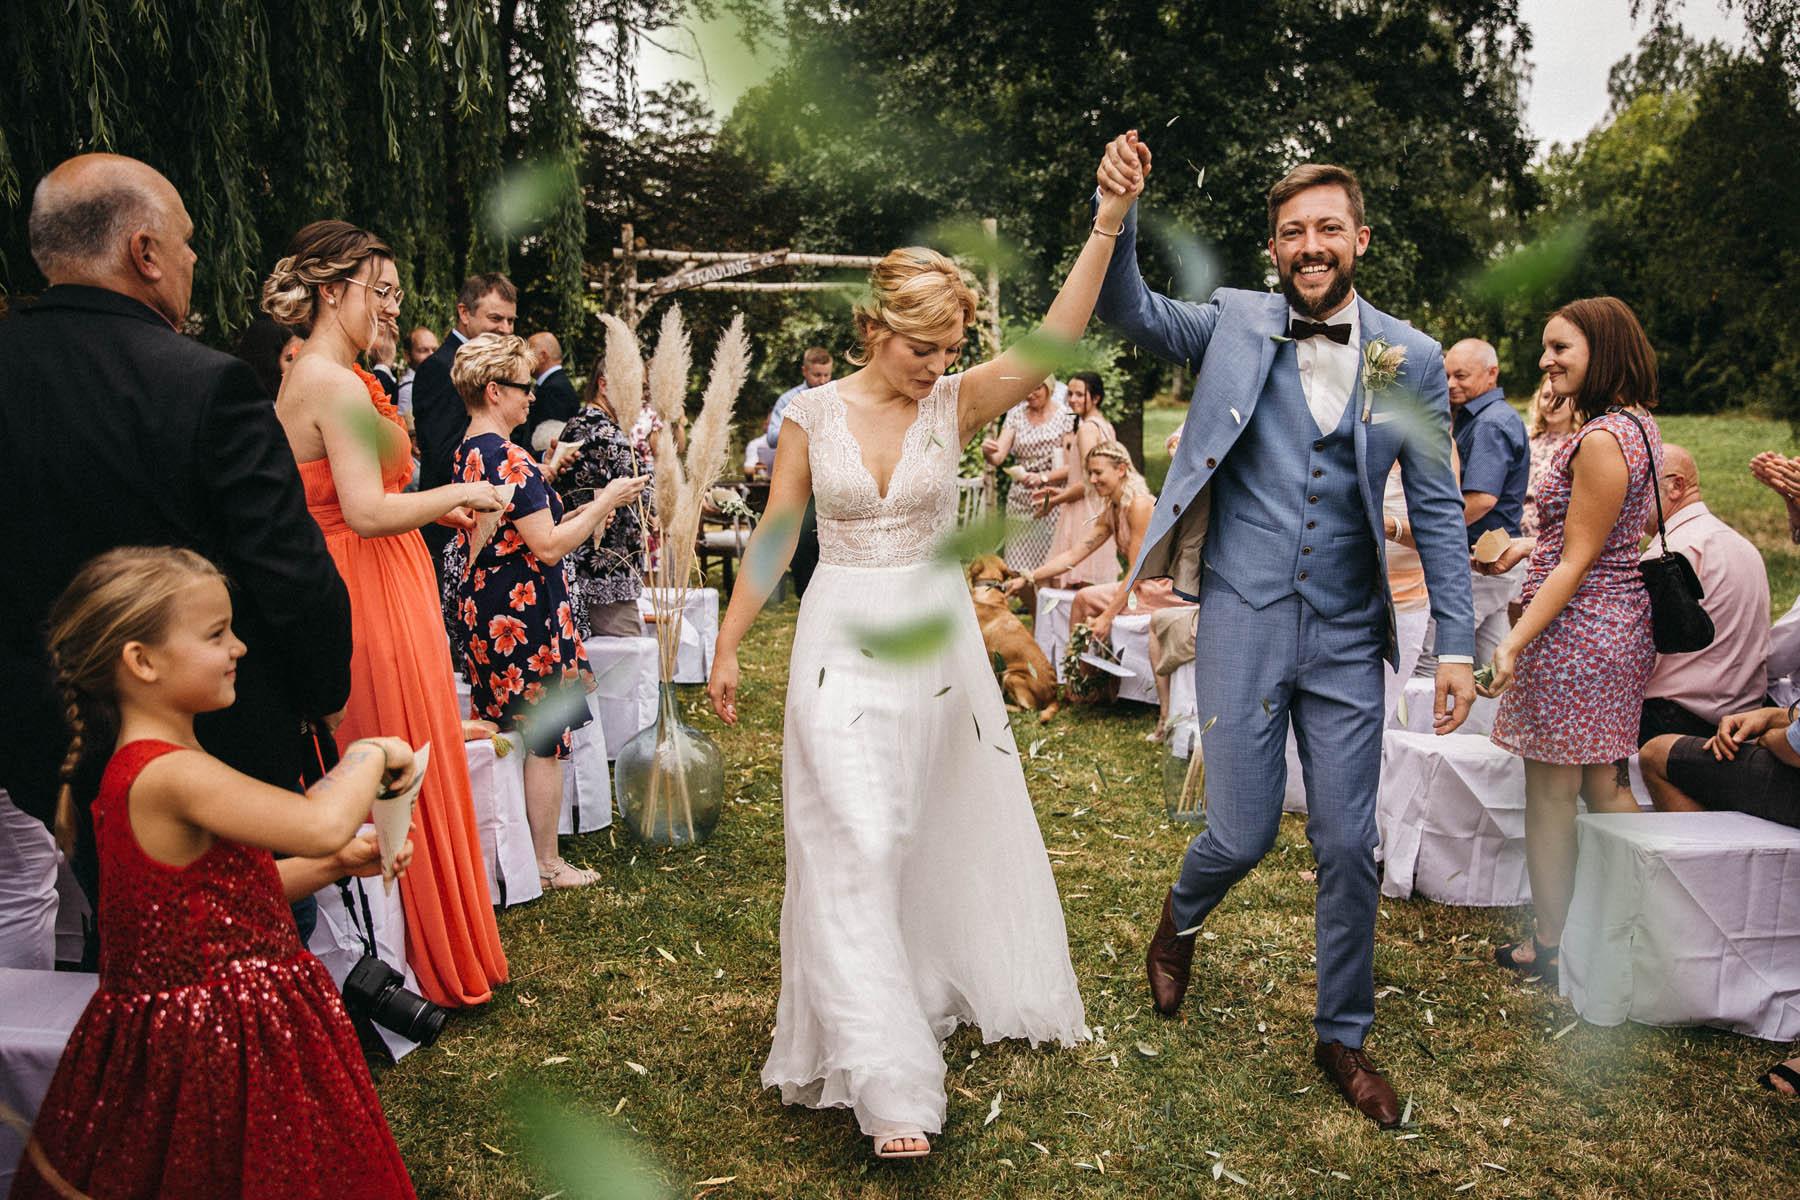 Brautpaar feiert den Auszug bei freier Trauung. Gäste werfen Blütenblätter | Raissa + Simon Fotografie